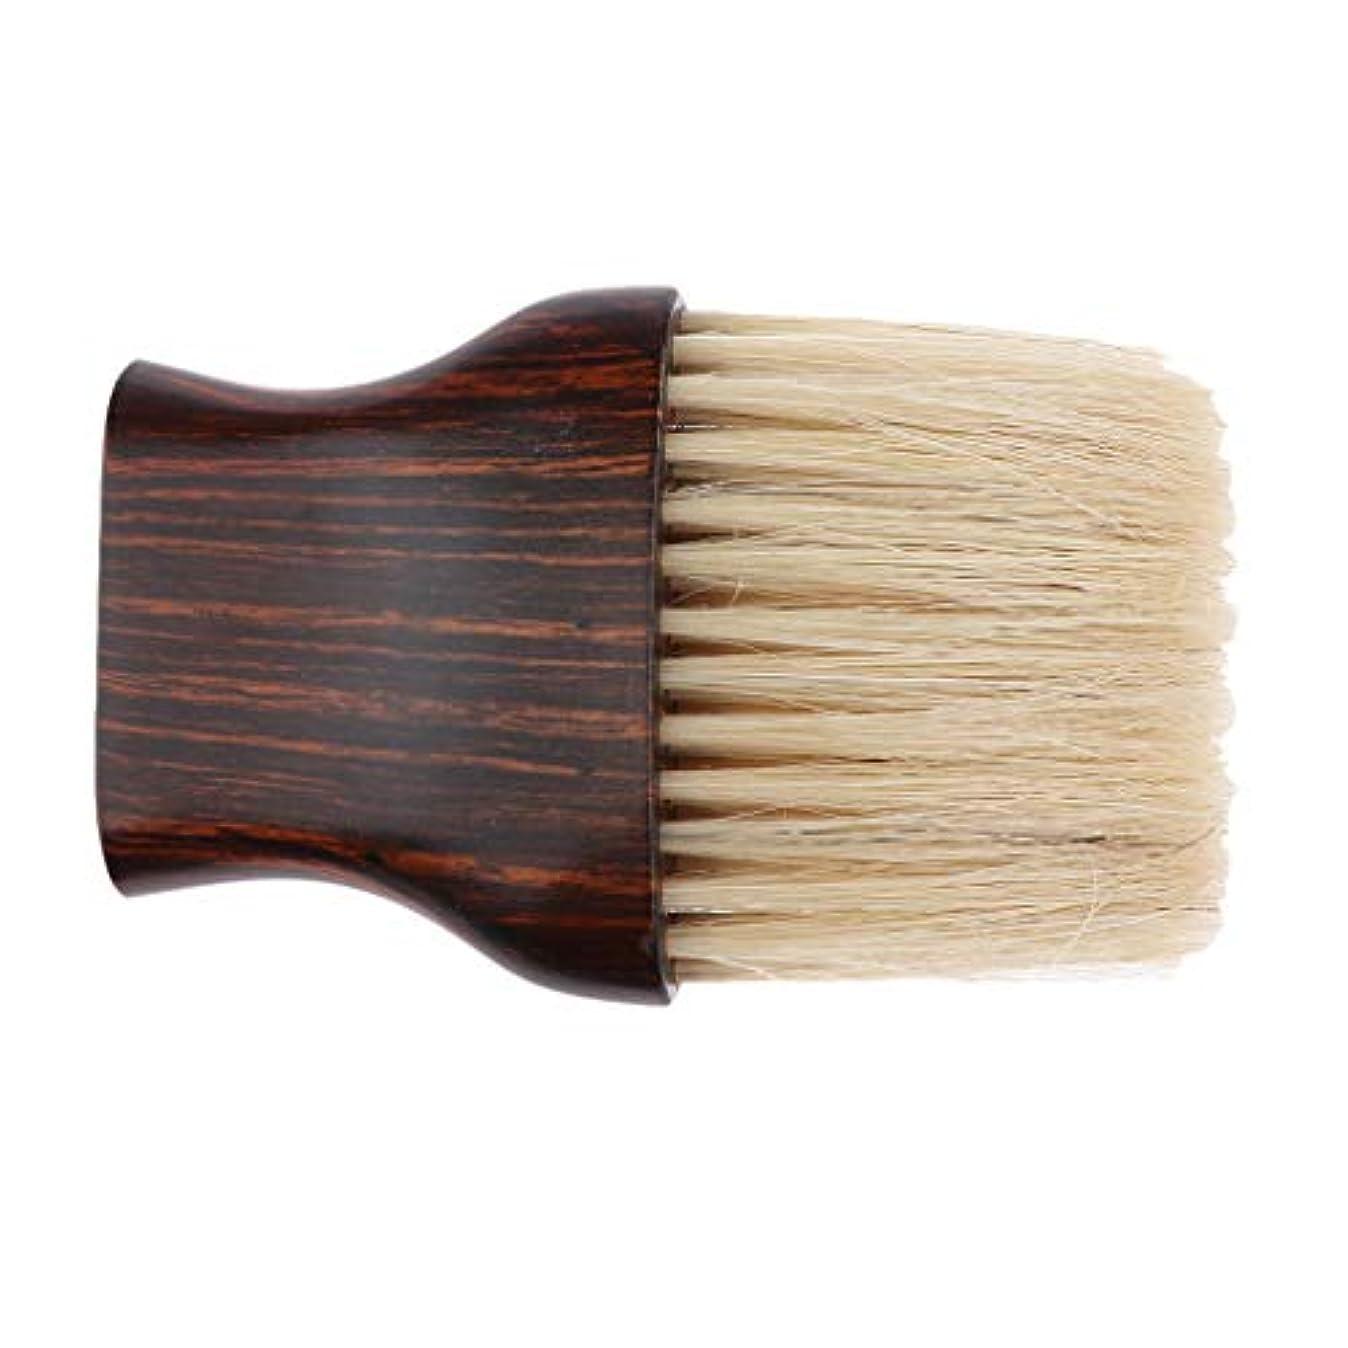 ゴールヨーロッパ何よりもPerfeclan ヘアブラシ 毛払いブラシ 木製ハンドル 散髪 髪切り 散髪用ツール 理髪店 美容院 ソフトブラシ